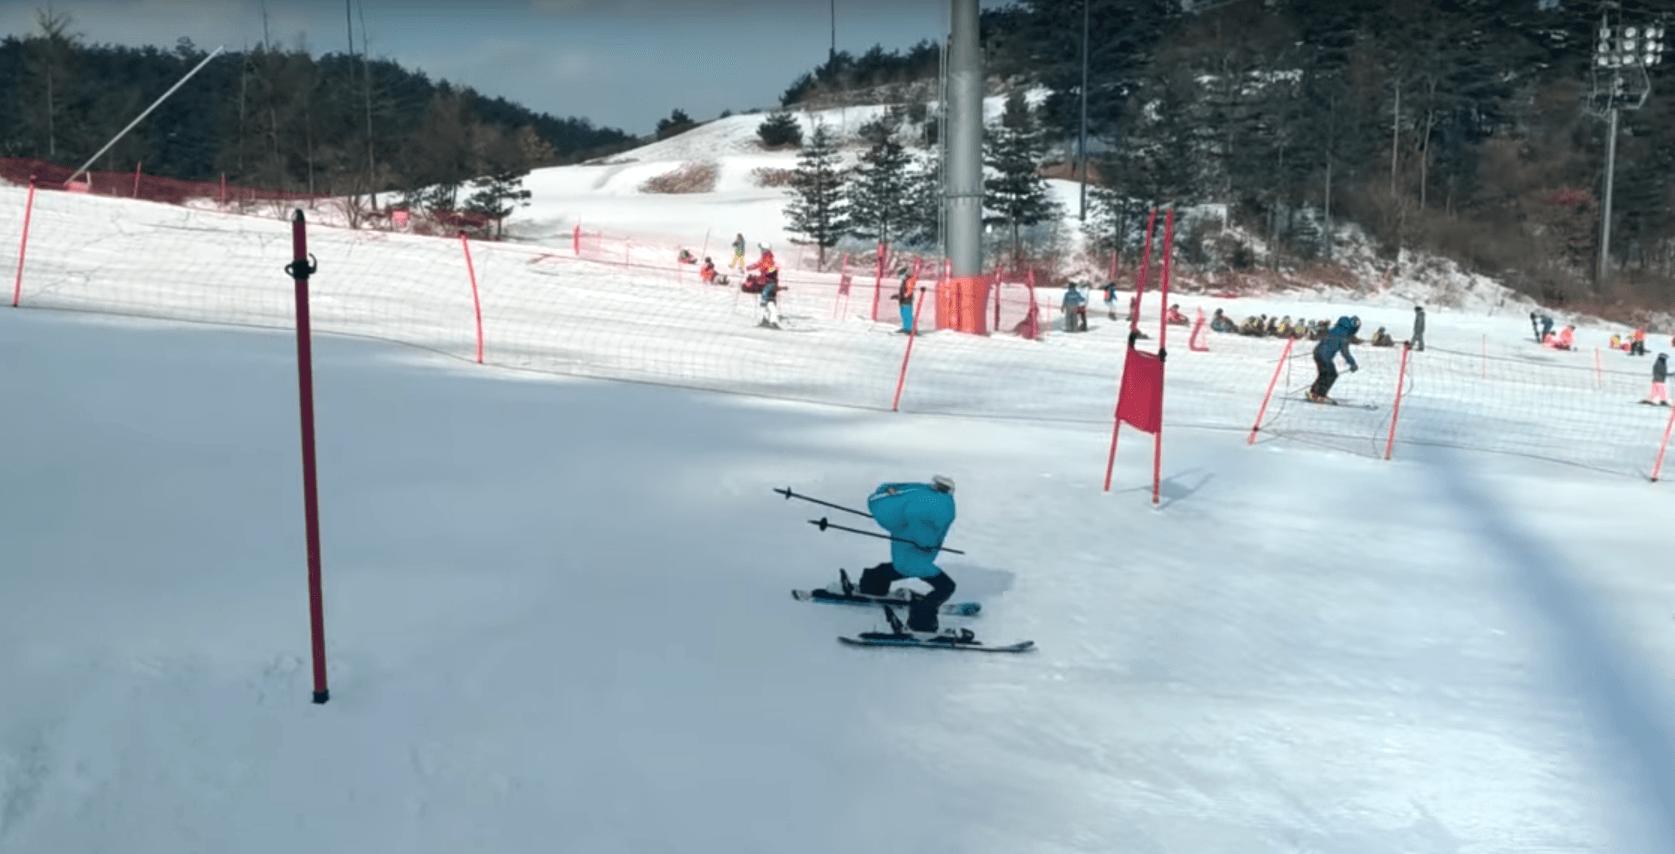 У роботов прошла своя Зимняя Олимпиада в Пхенчхане